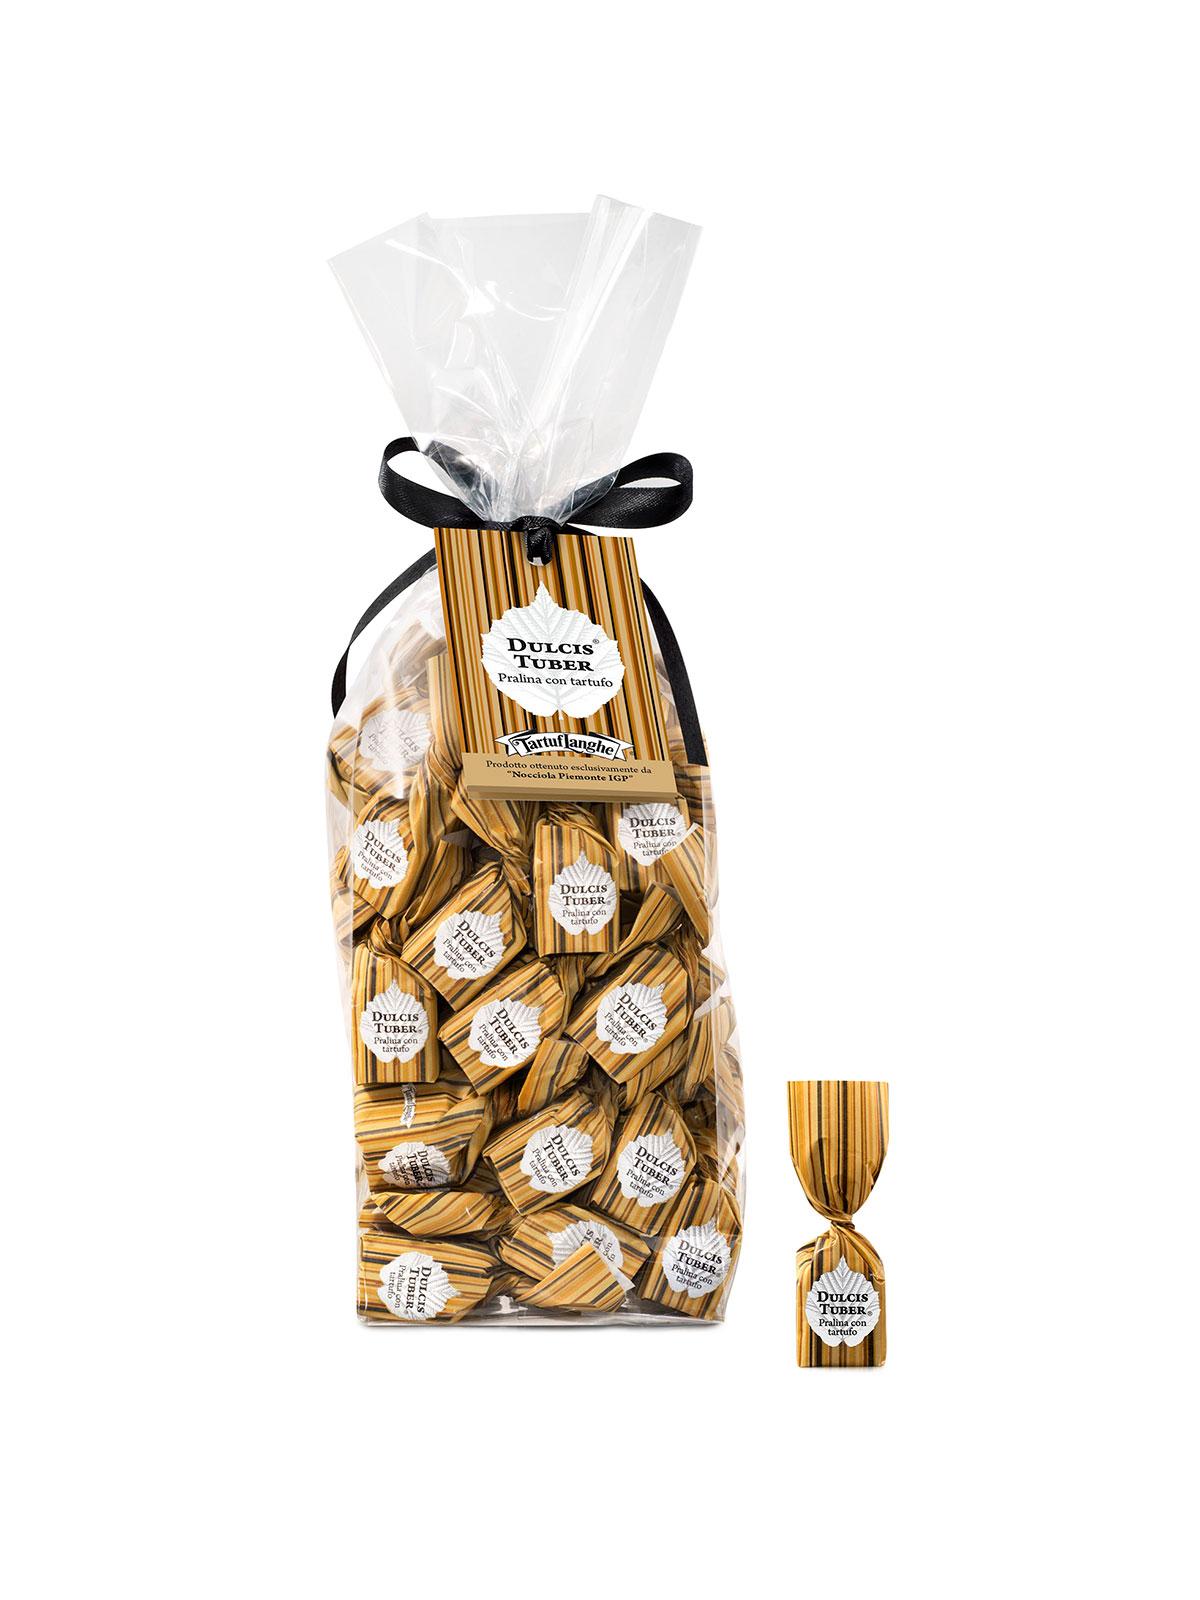 Truffle Praline - Sweets, Treats & Snacks - Buon'Italia